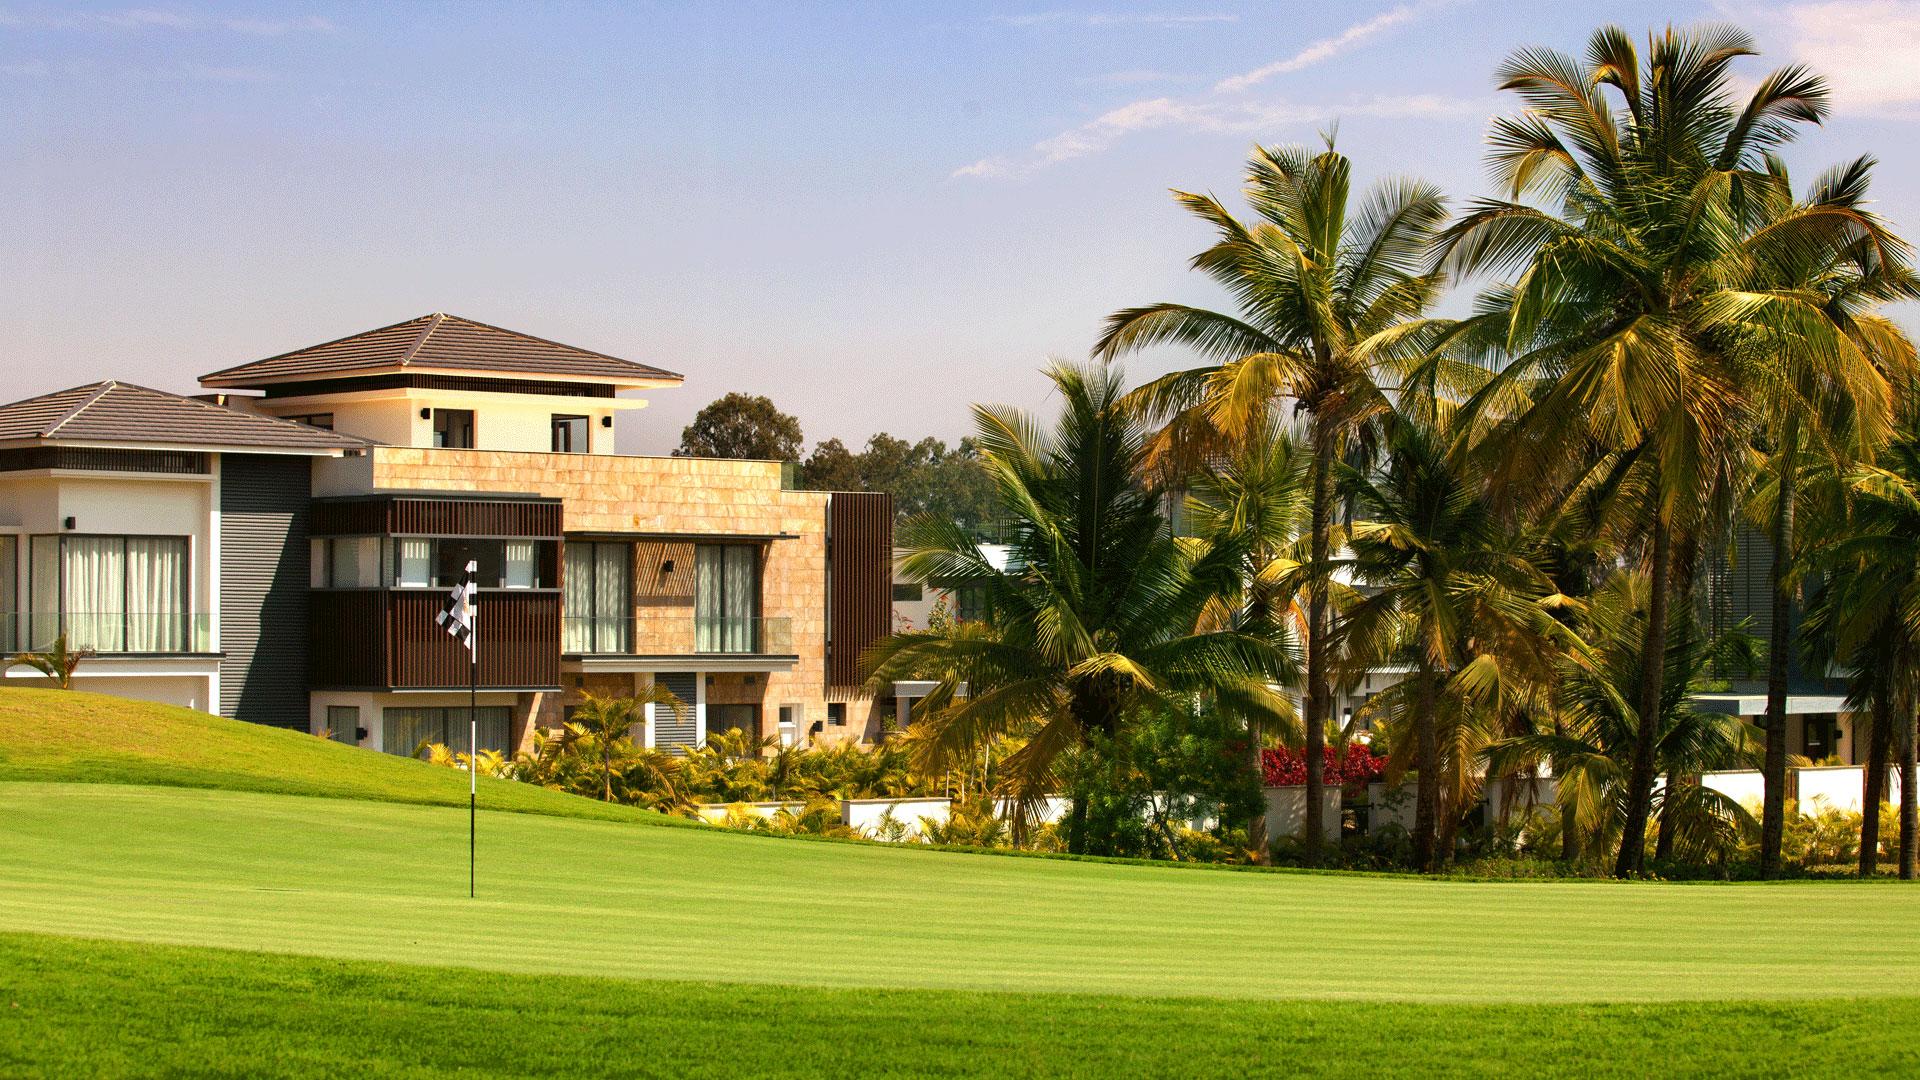 prestige-golfshire-Villas-in-Nandi hills-Bangalore-Image-01